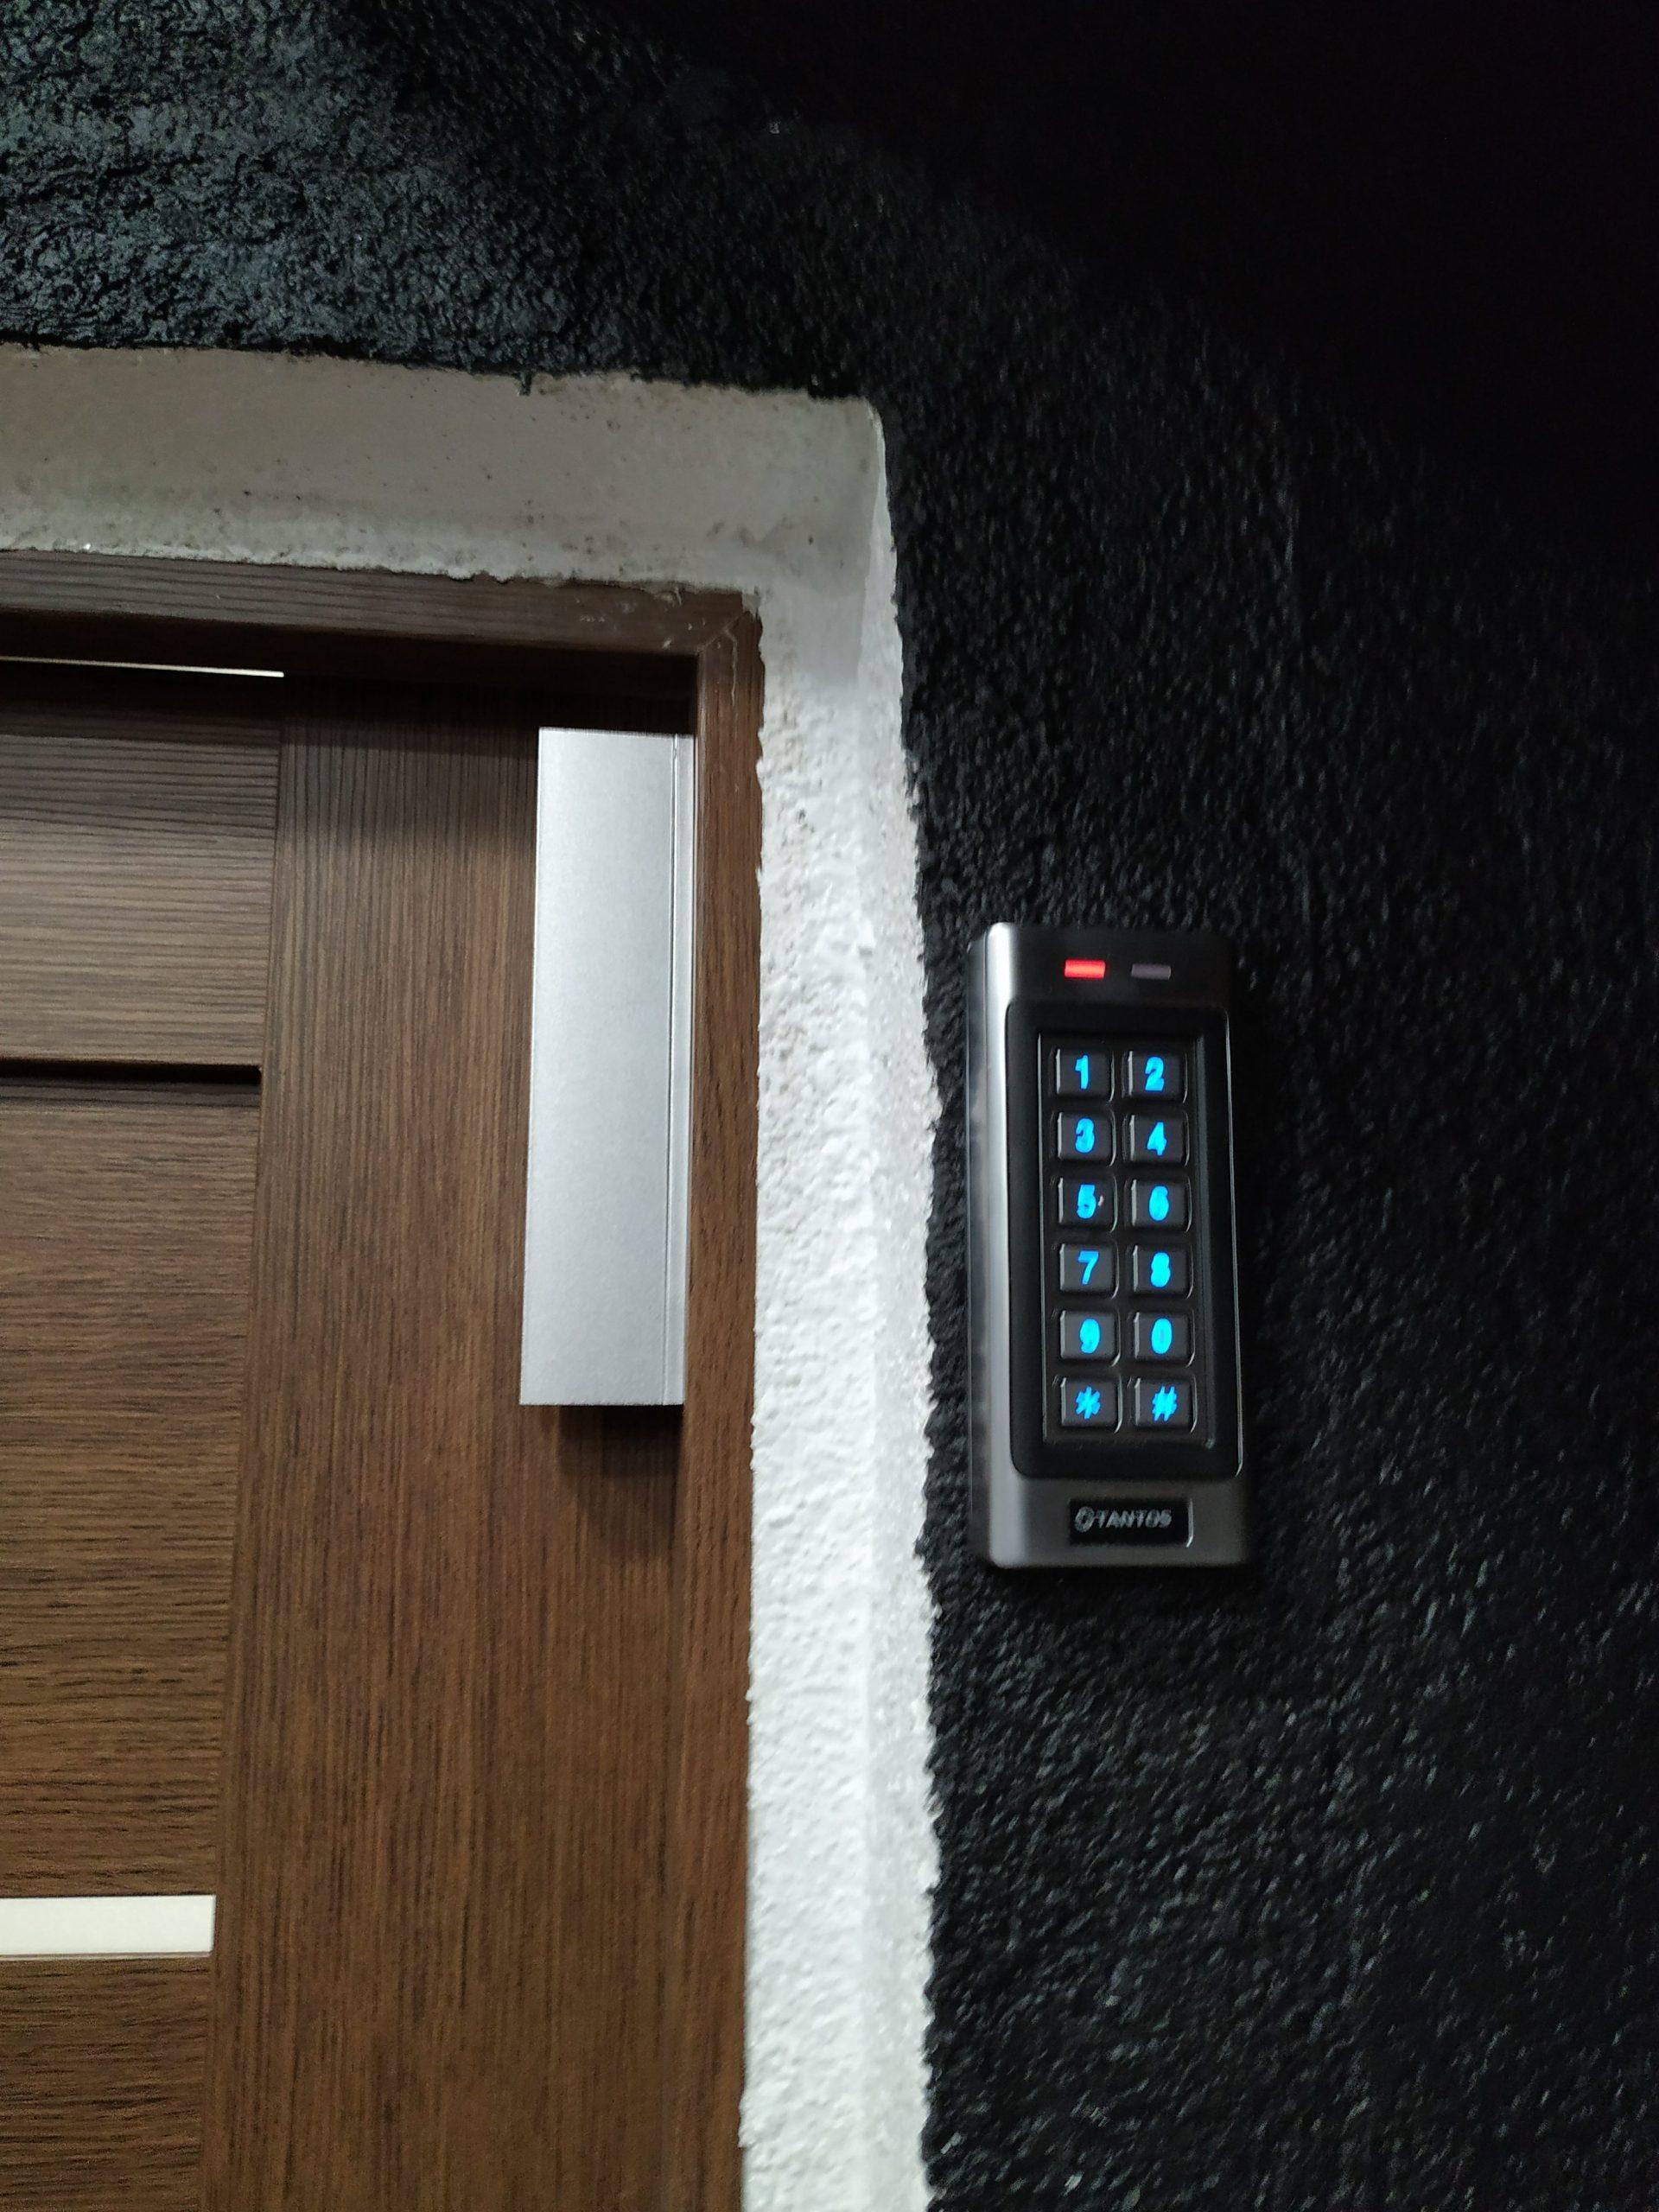 Установка комплекта магнитного замка Вход по кодовой панели г Химки Улица Совхозная дом 14